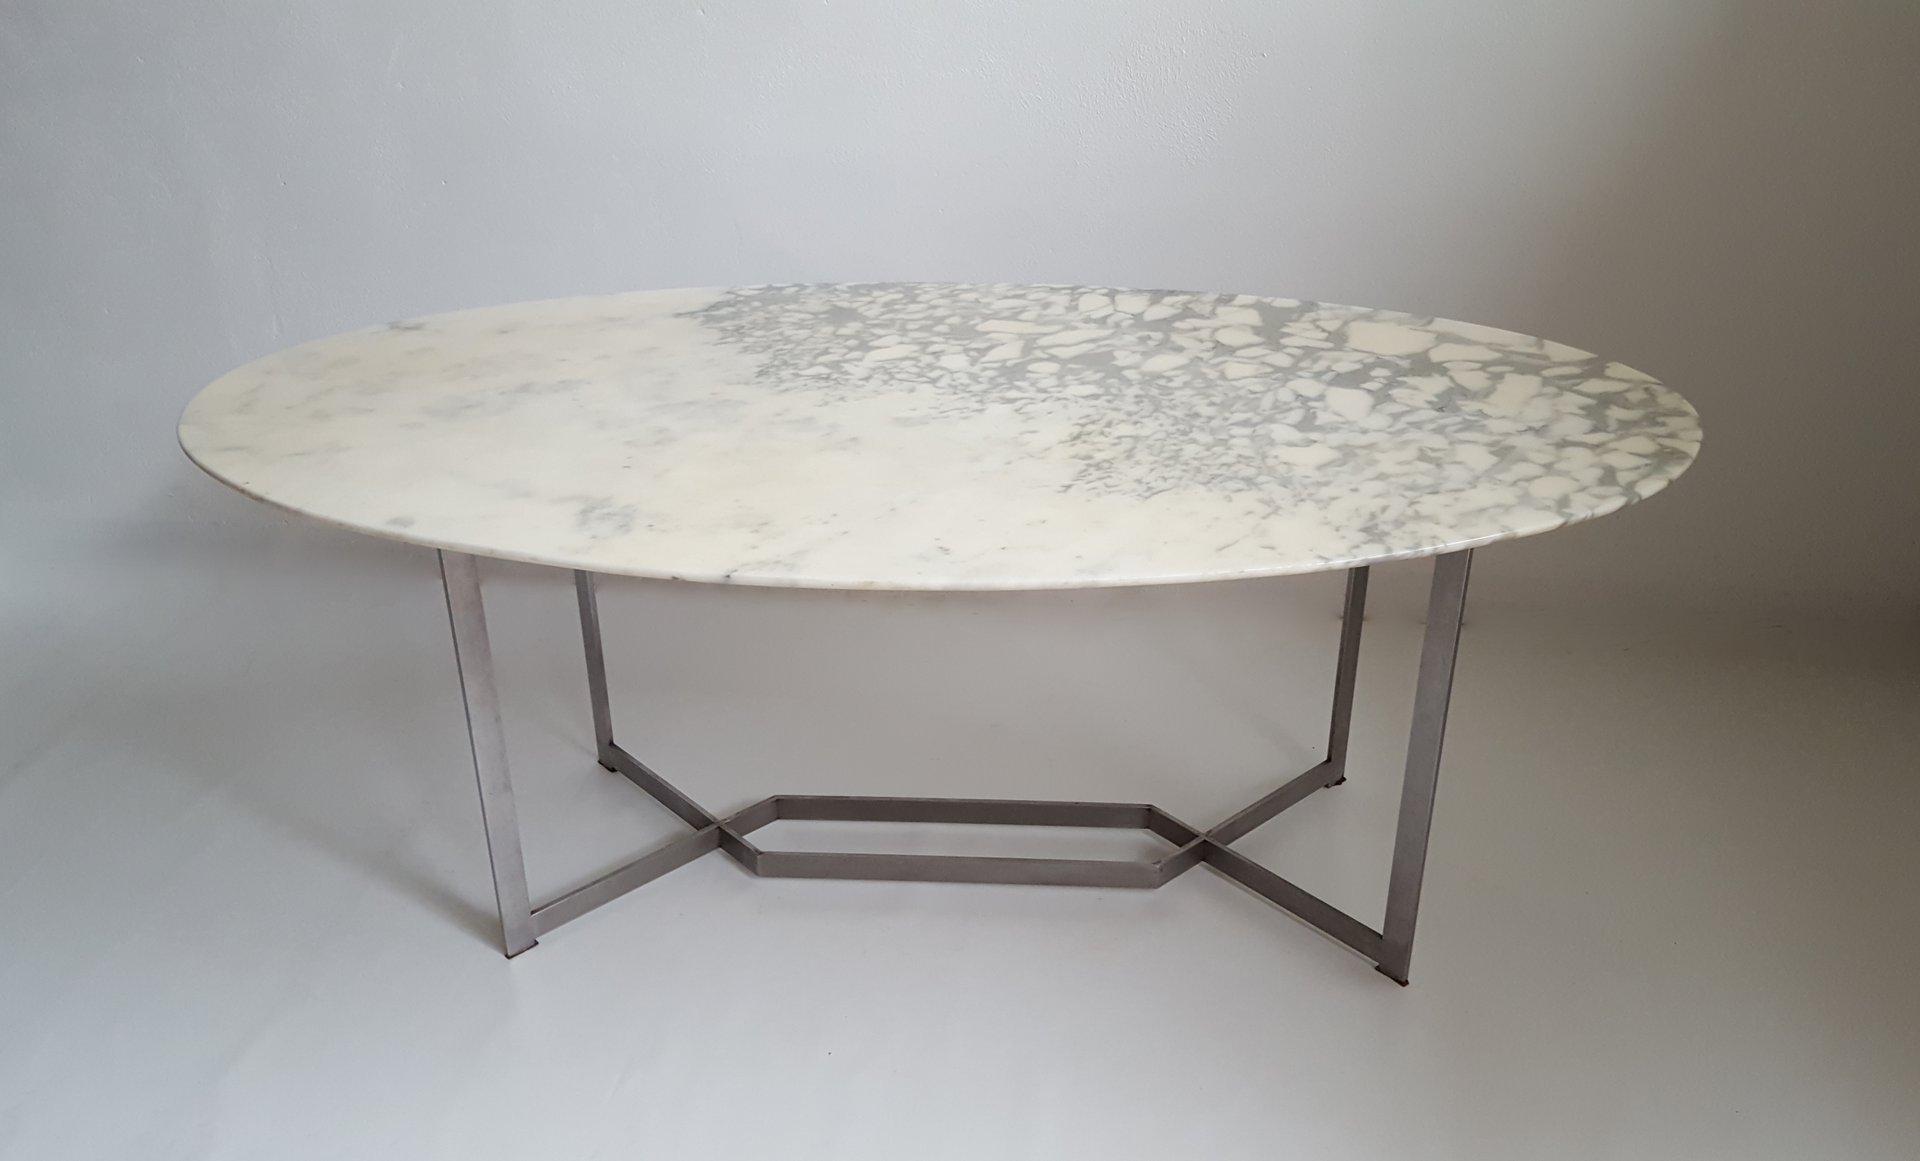 Franz sischer ovaler marmor edelstahl esstisch von paul for Design esstisch marmor